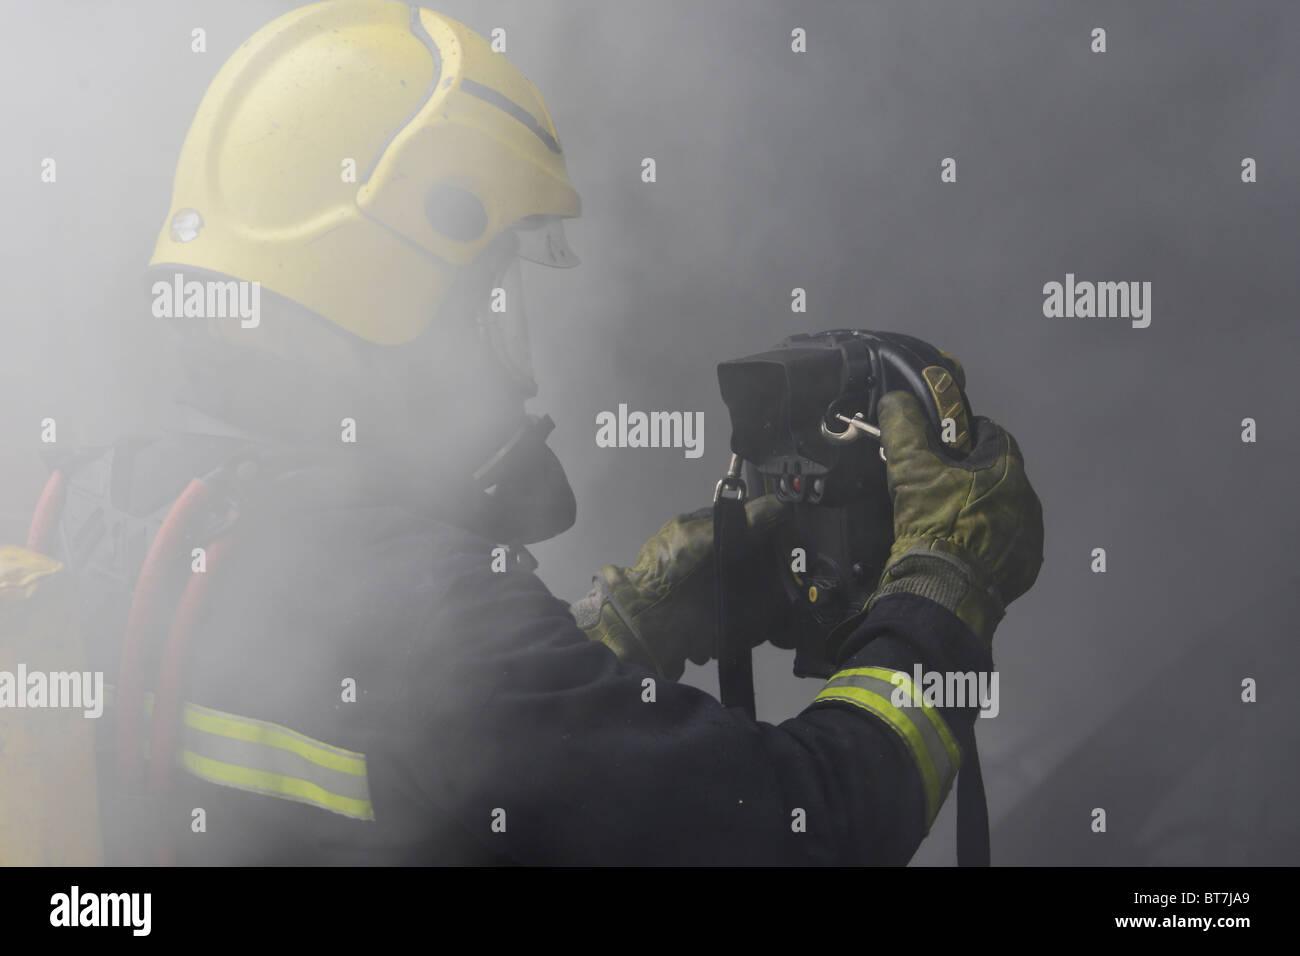 Vigile del fuoco utilizzando una termocamera presso la scena di una proprietà doemsic fire Immagini Stock